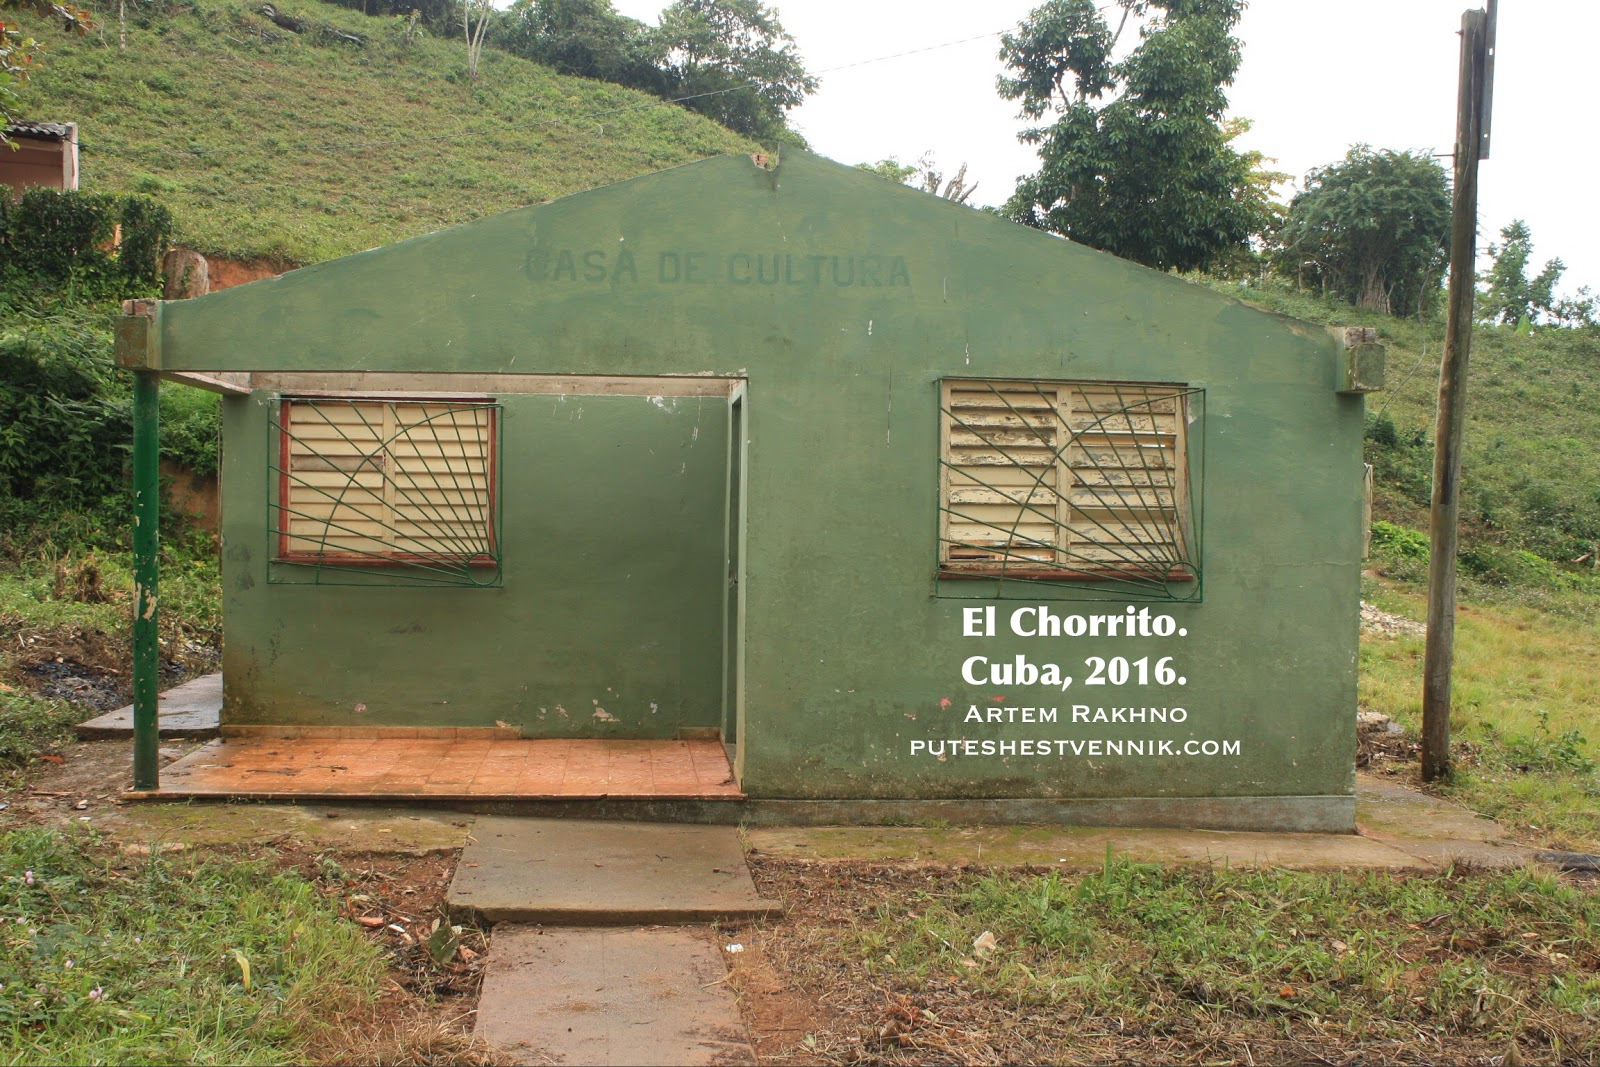 Дом культуры в деревне на Кубе